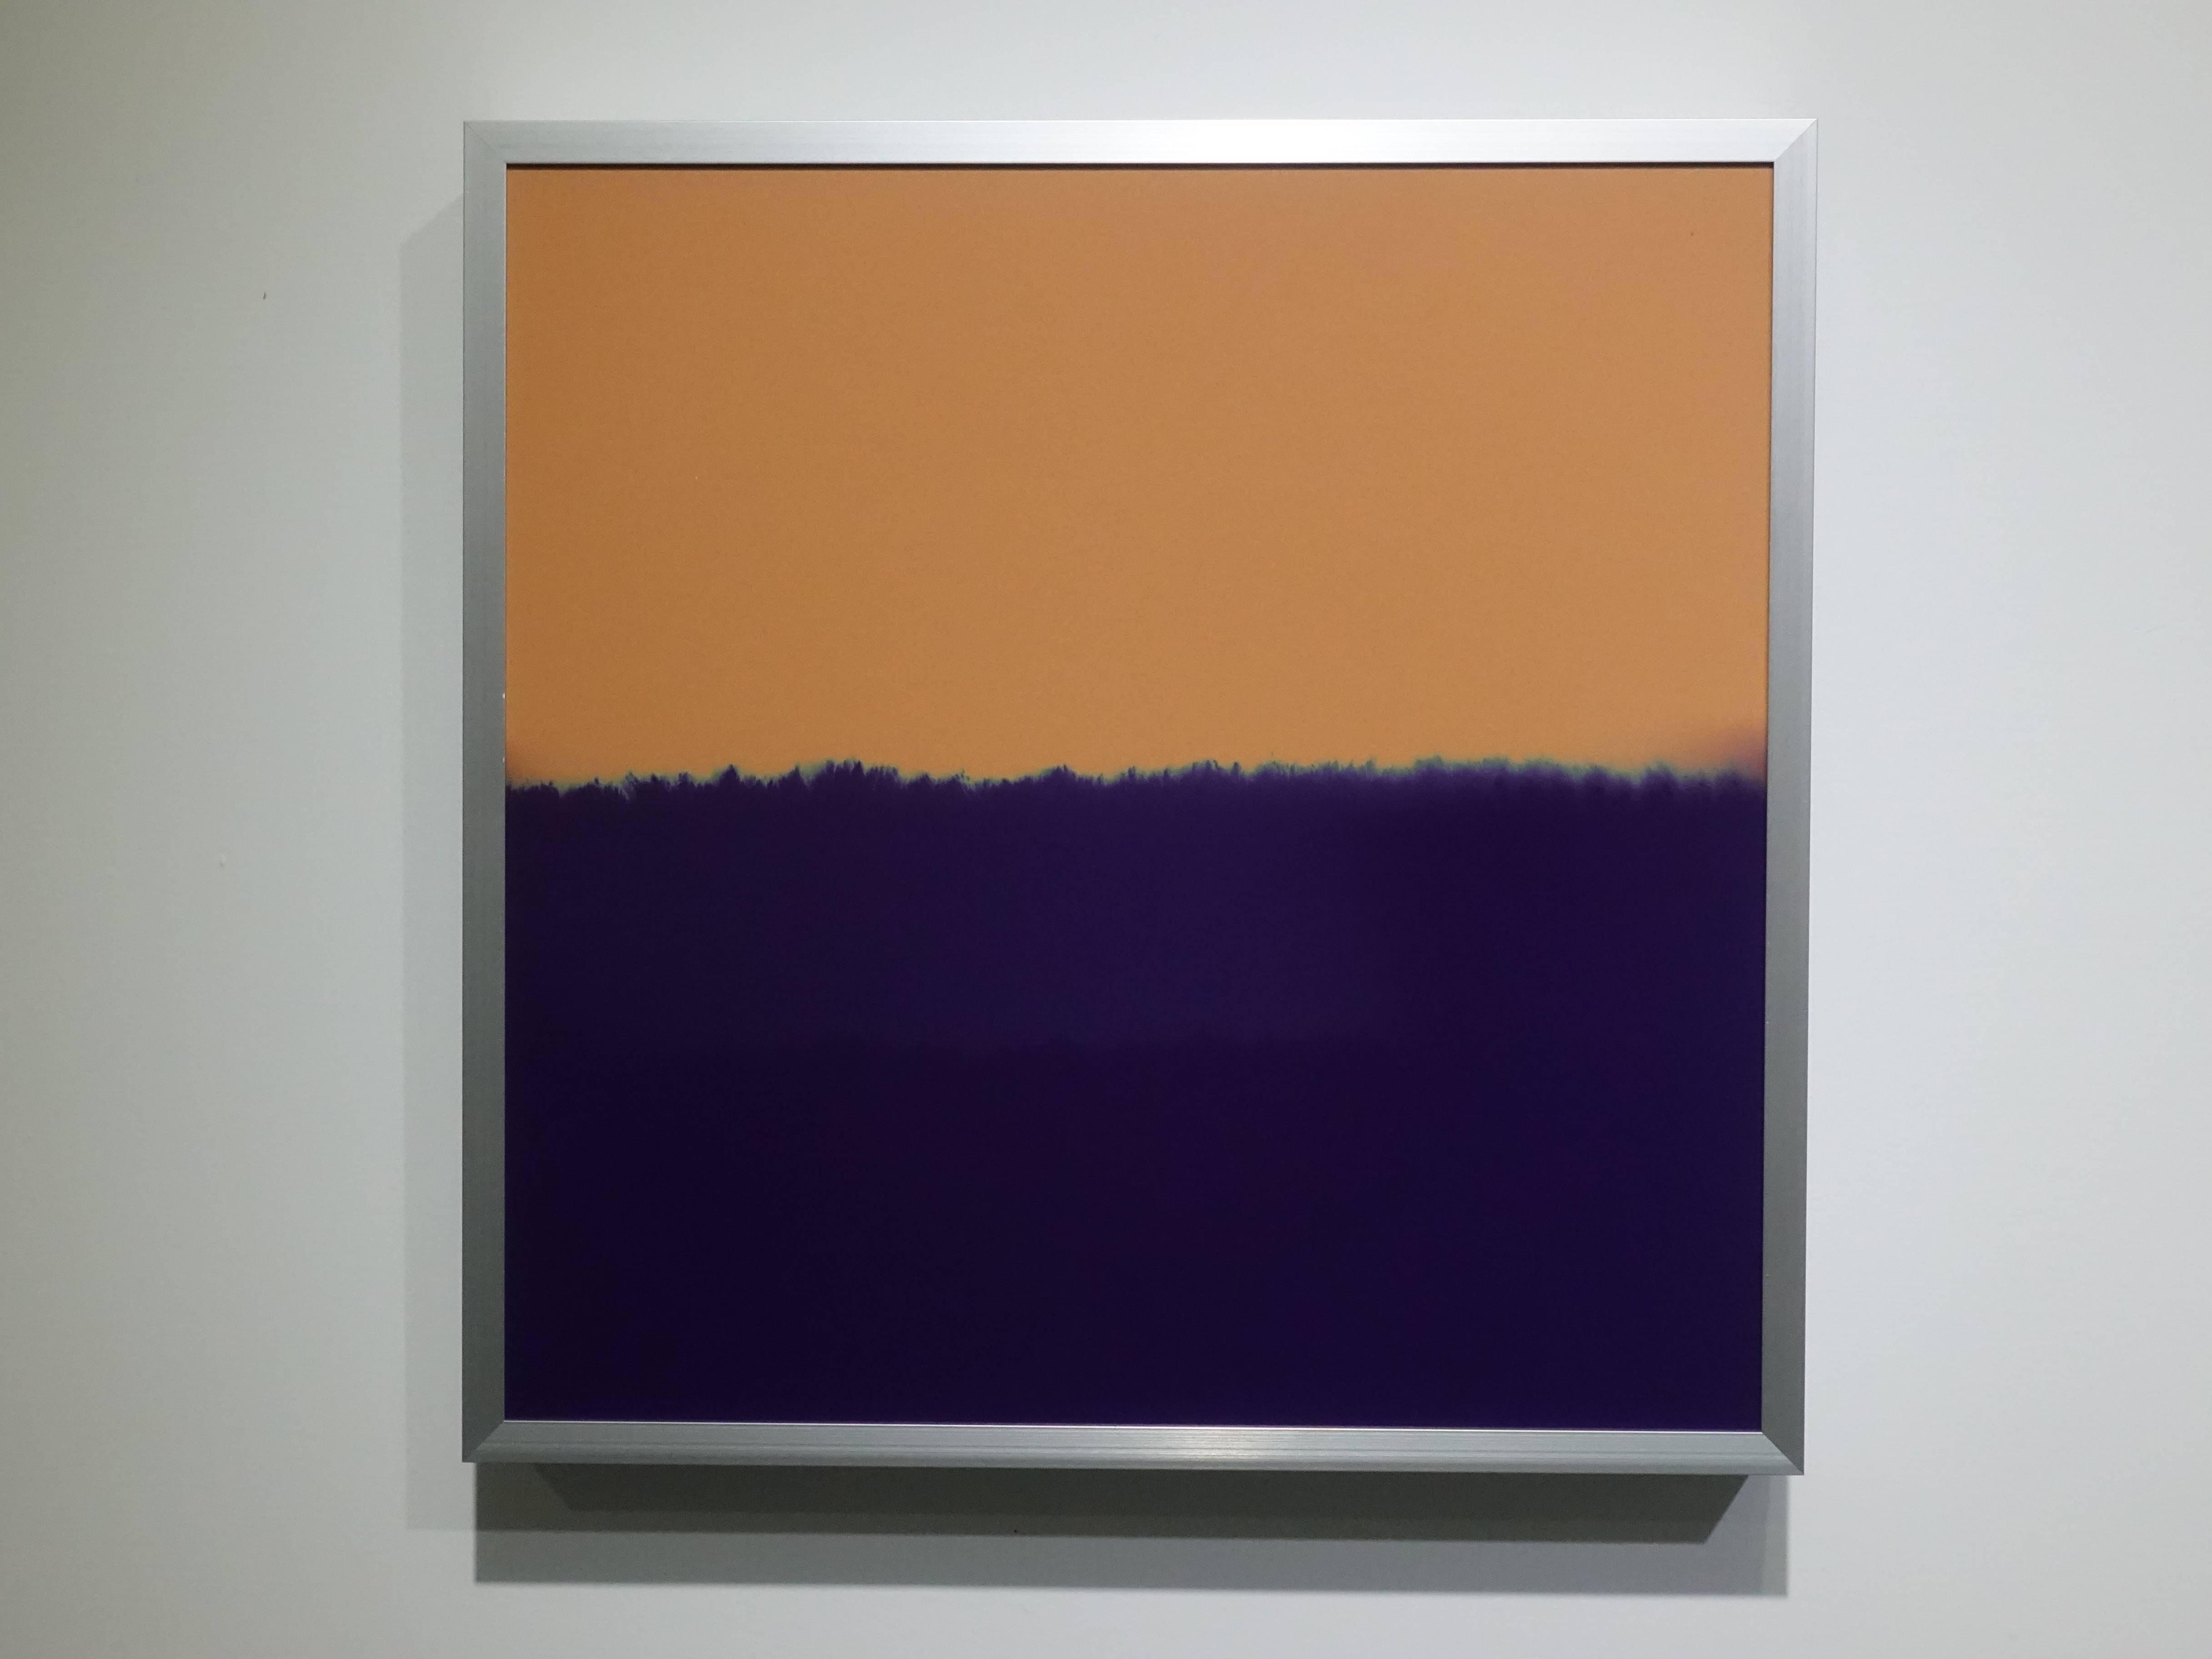 李國民,《一癡三十年》癡(解脫林1987),30x30 cm,輸出於之為相紙,1997-2017。